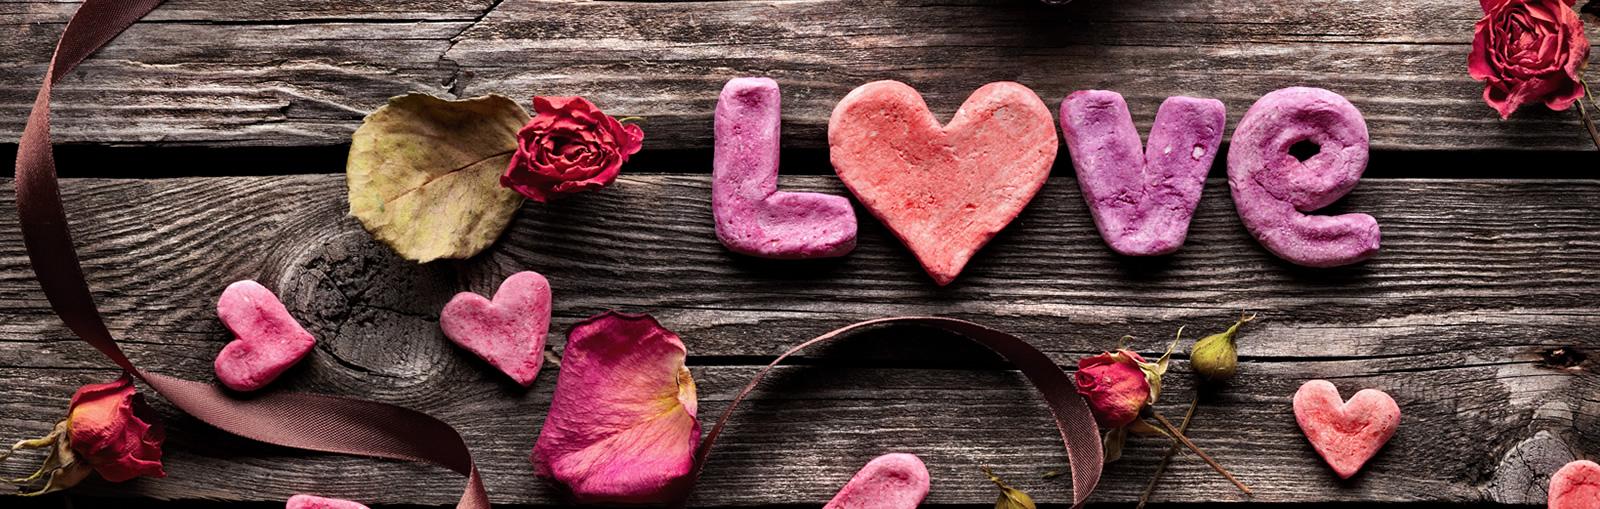 valentinesday-insideheader.jpg